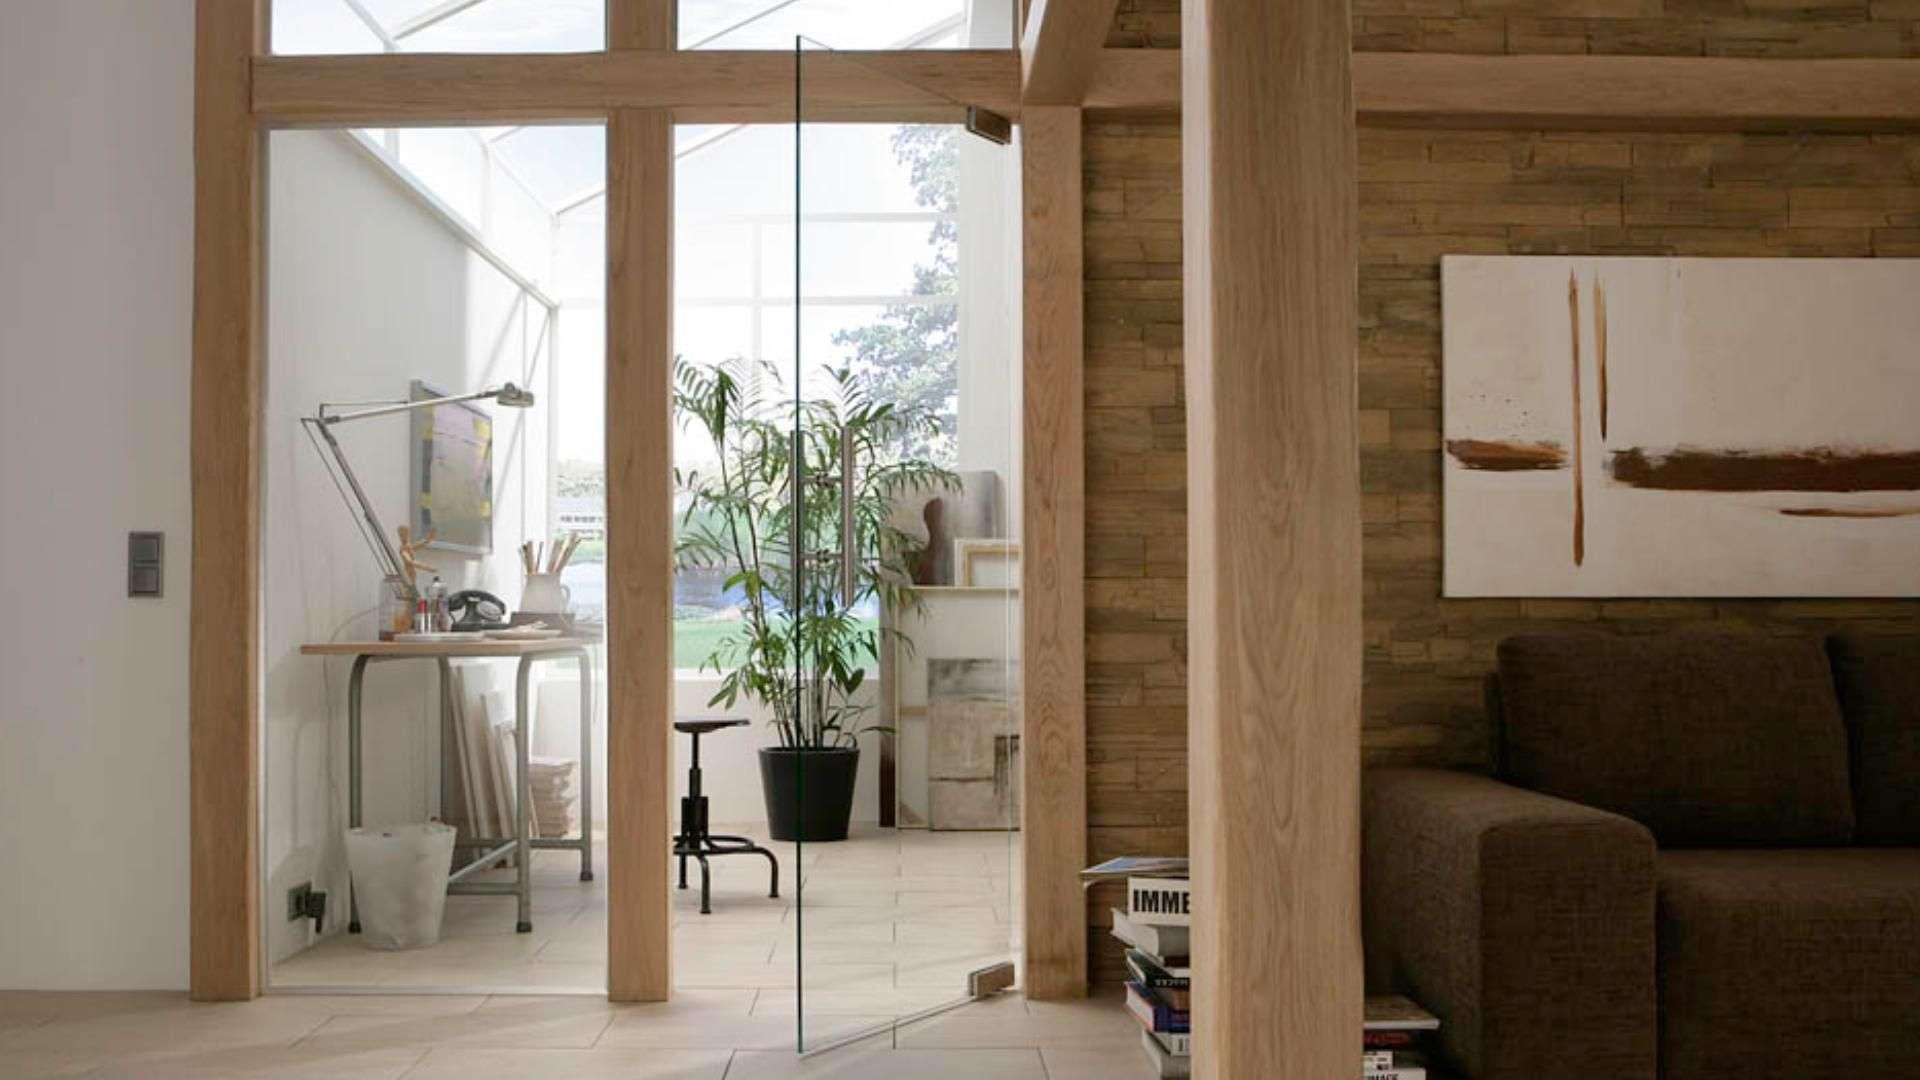 Drehtür aus Glas zwischen Wohn- und Arbeitszimmer